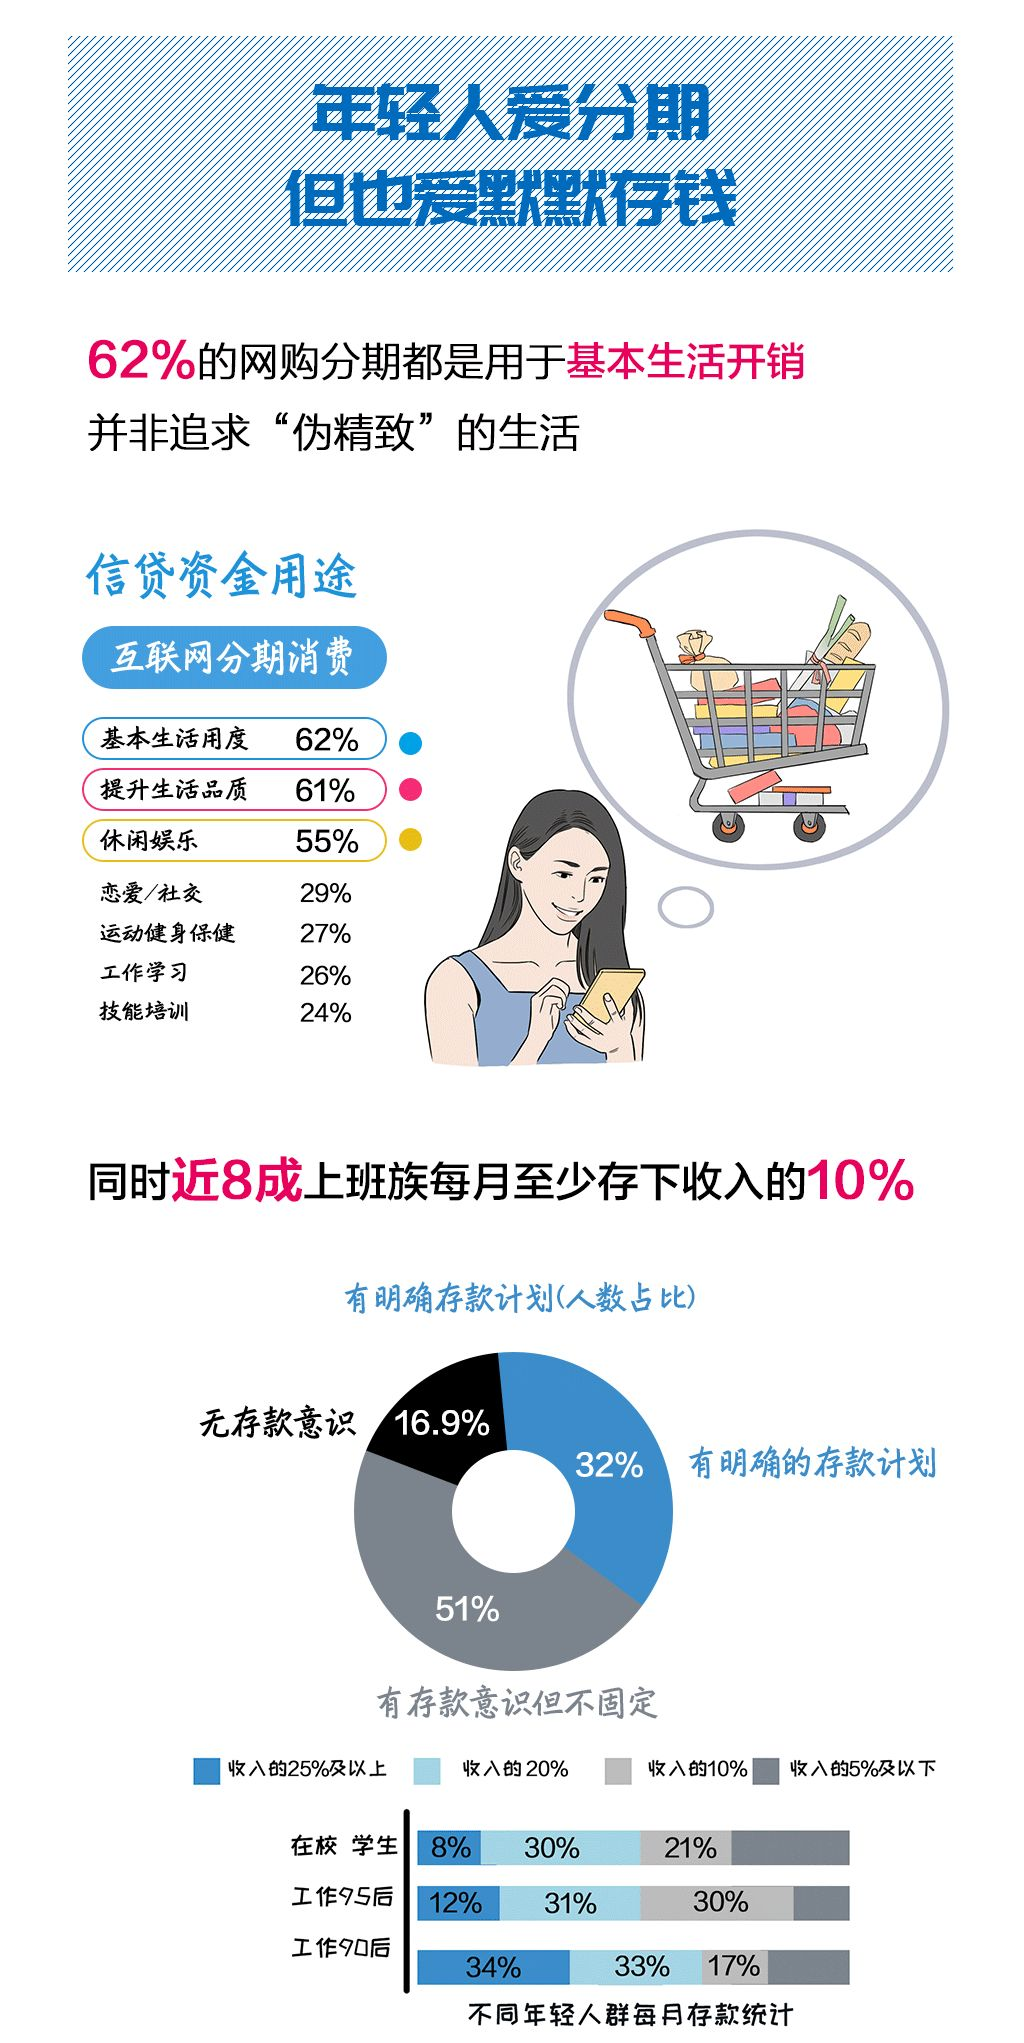 全民彩票暂停销售咋办·重磅丨重庆高新区集中签约14个生物医药项目 总投资约242亿元